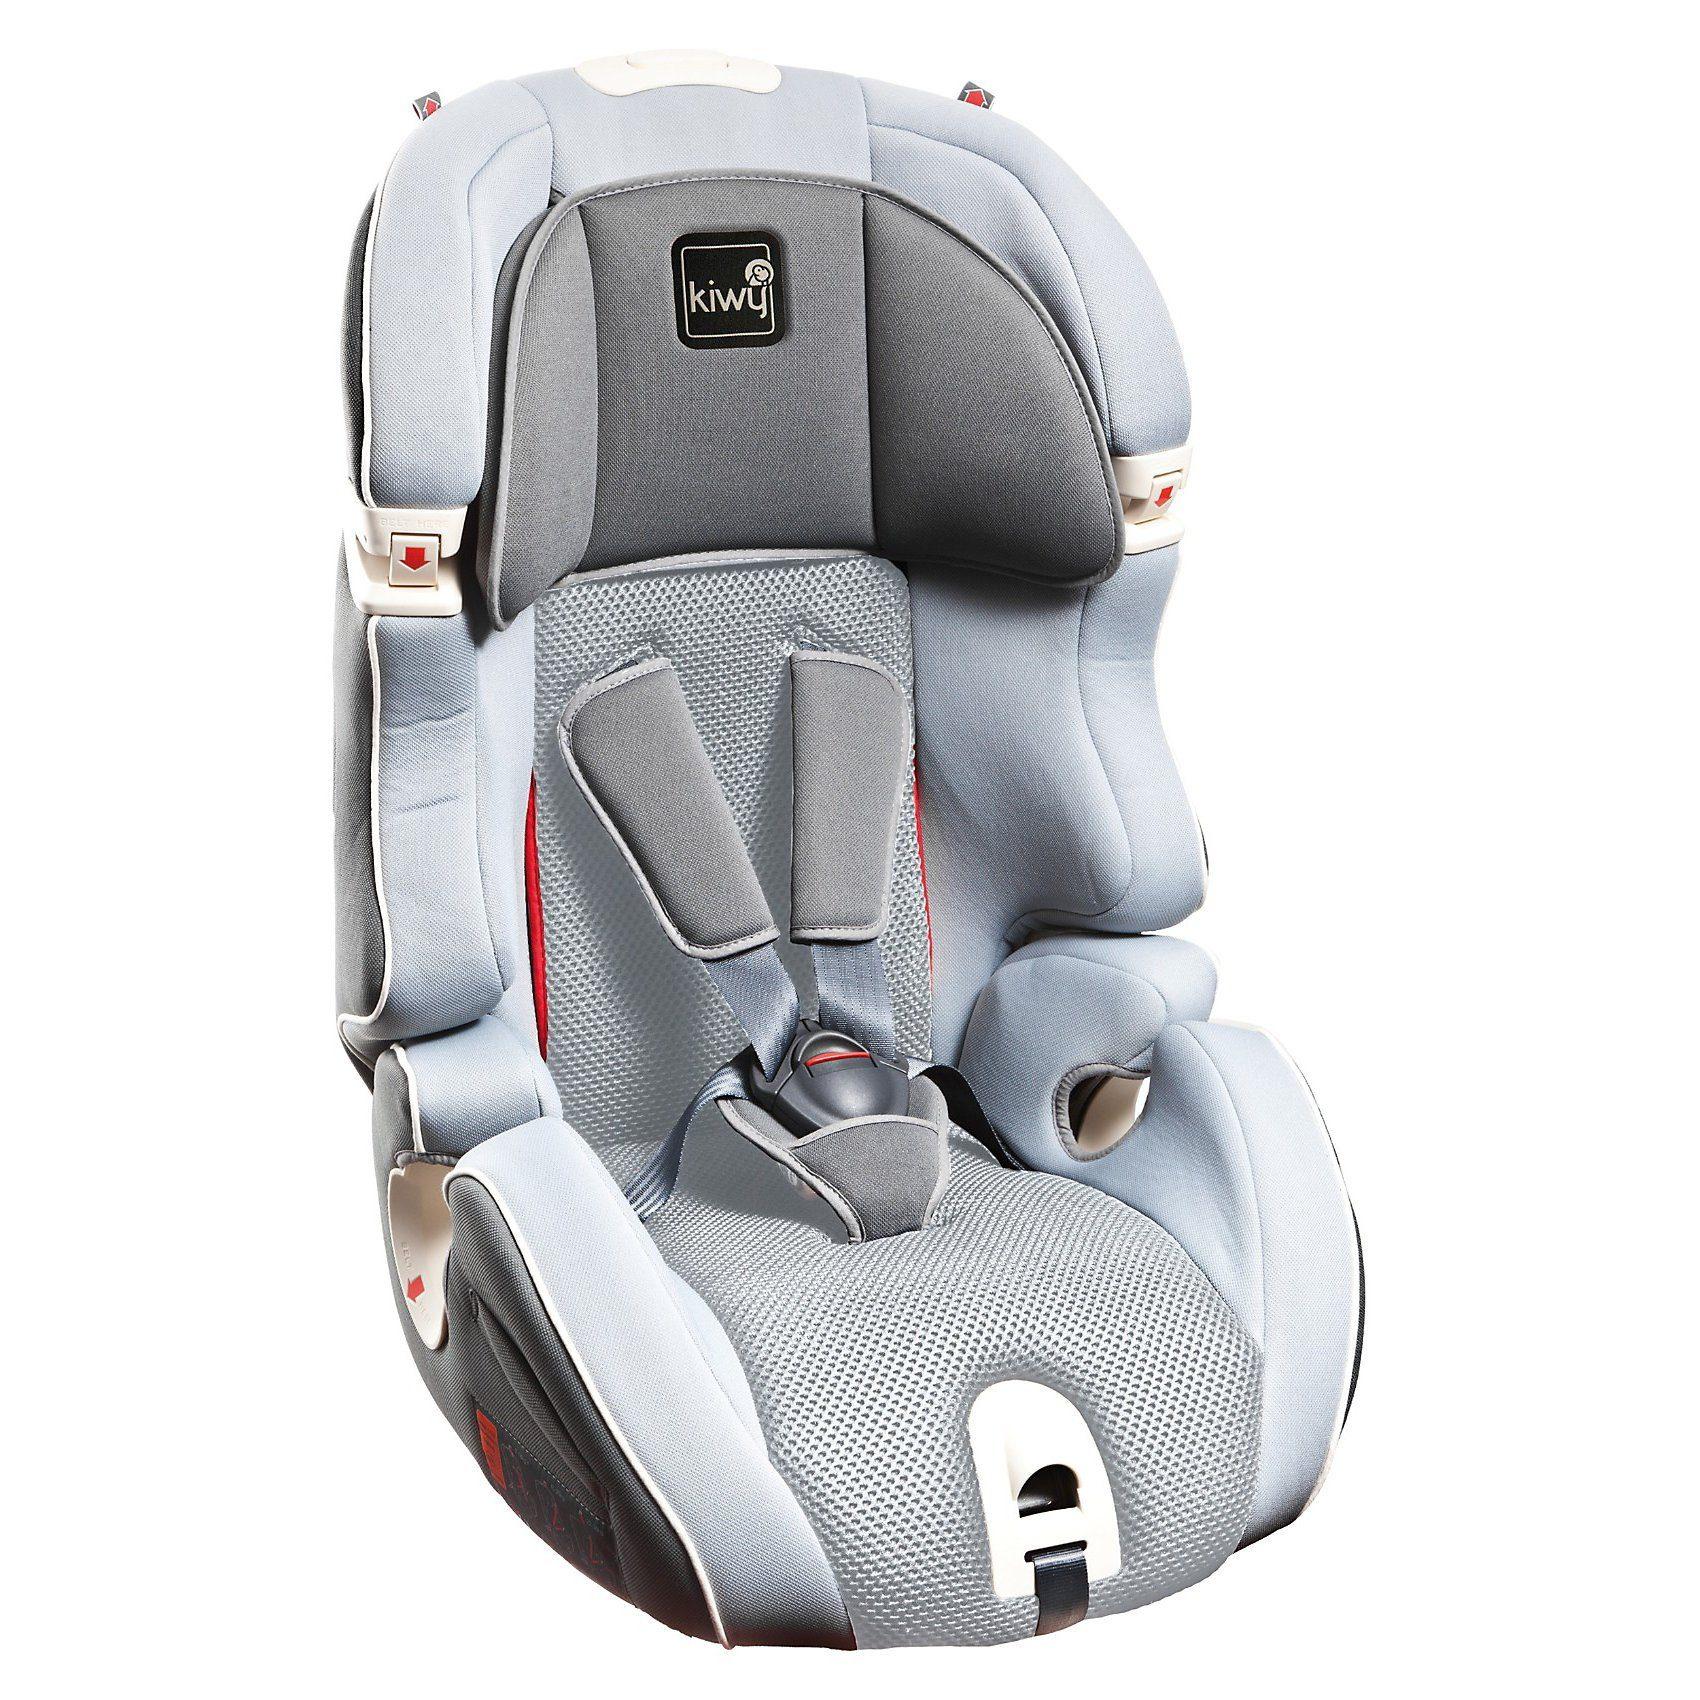 Kiwy Auto-Kindersitz S123, Stone, 2016